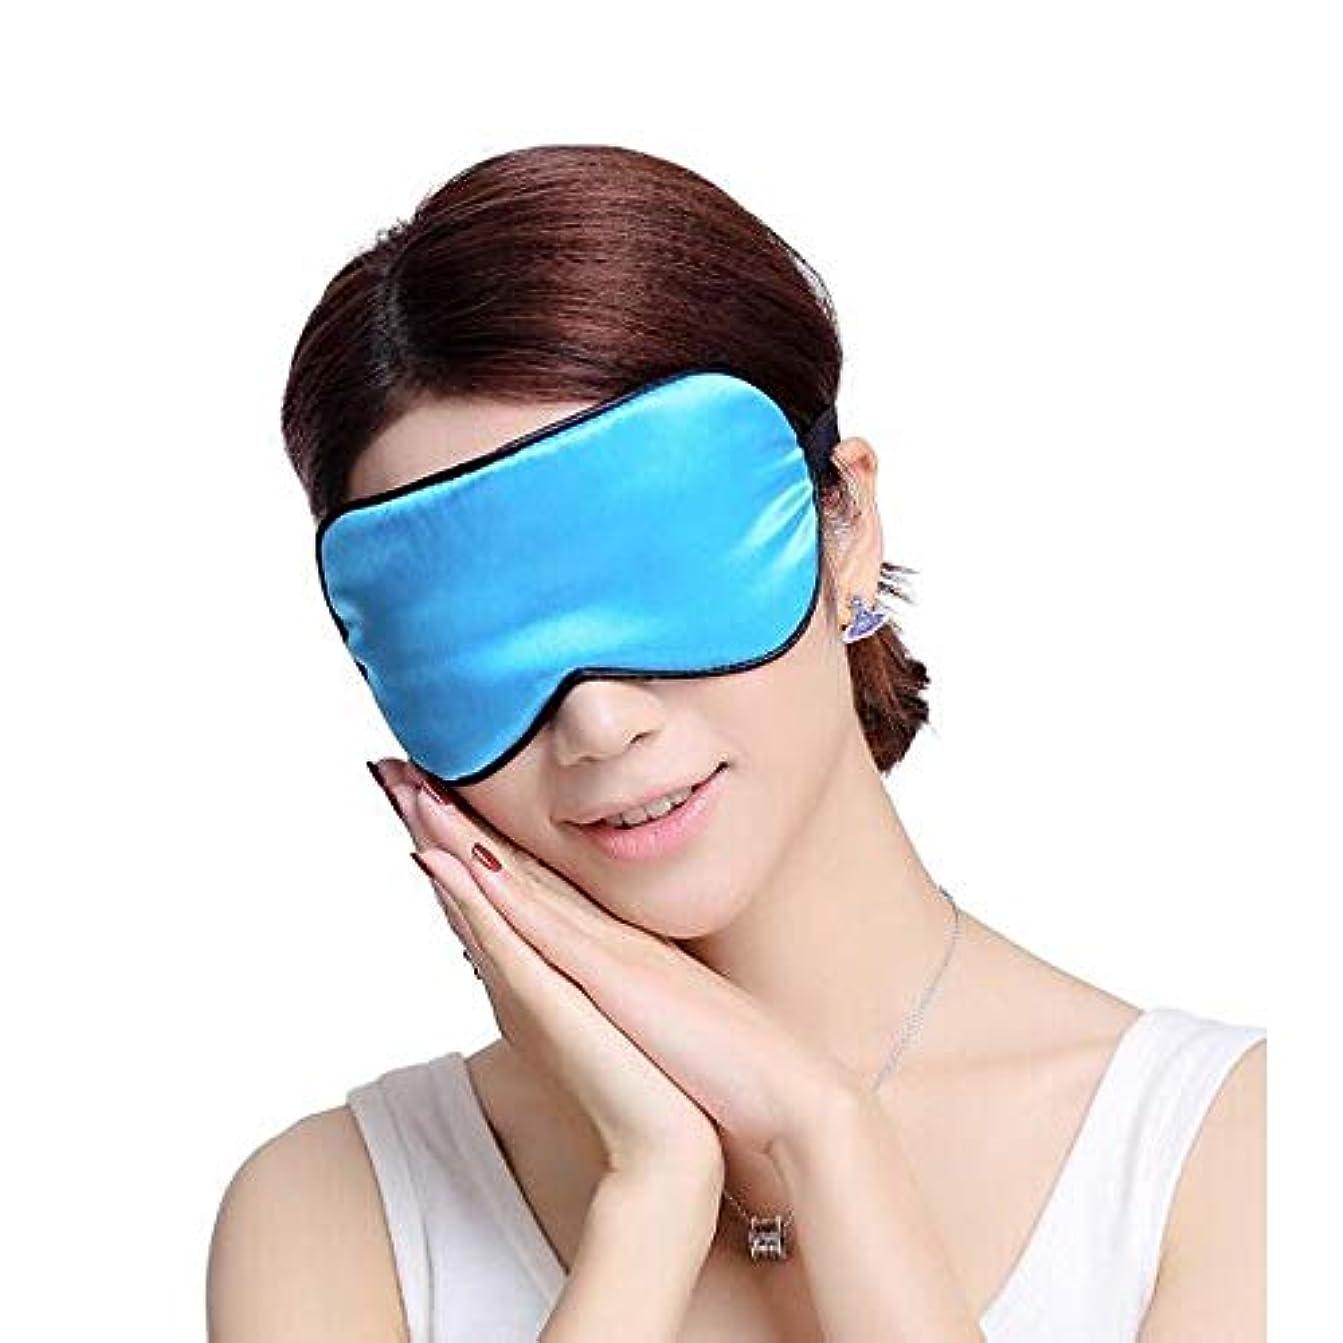 彼らは小さな樫の木HUICHEN ゴーグルの睡眠睡眠ゴーグル快適な停電シルク両面シルク、通気性ユニセックス調整可能な大きな目のゴーグルは、昼寝を旅行します (Color : Blue)